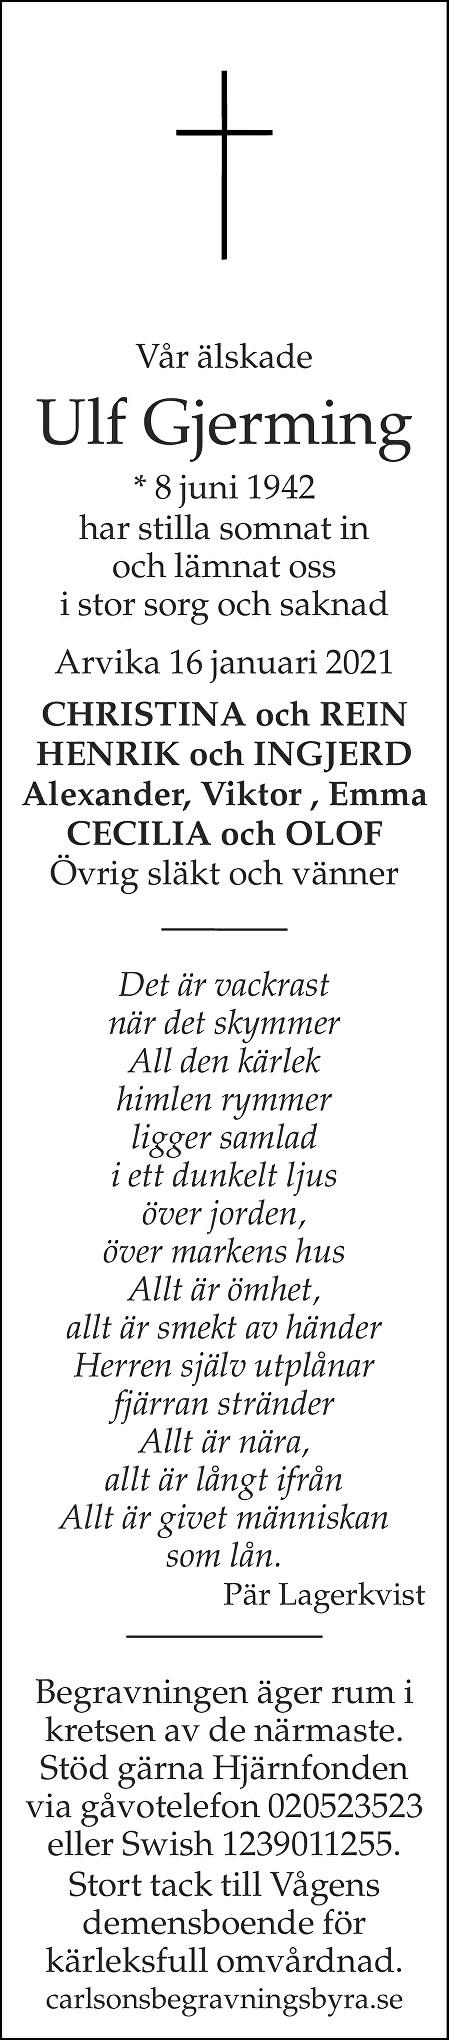 Ulf Gjerming Death notice